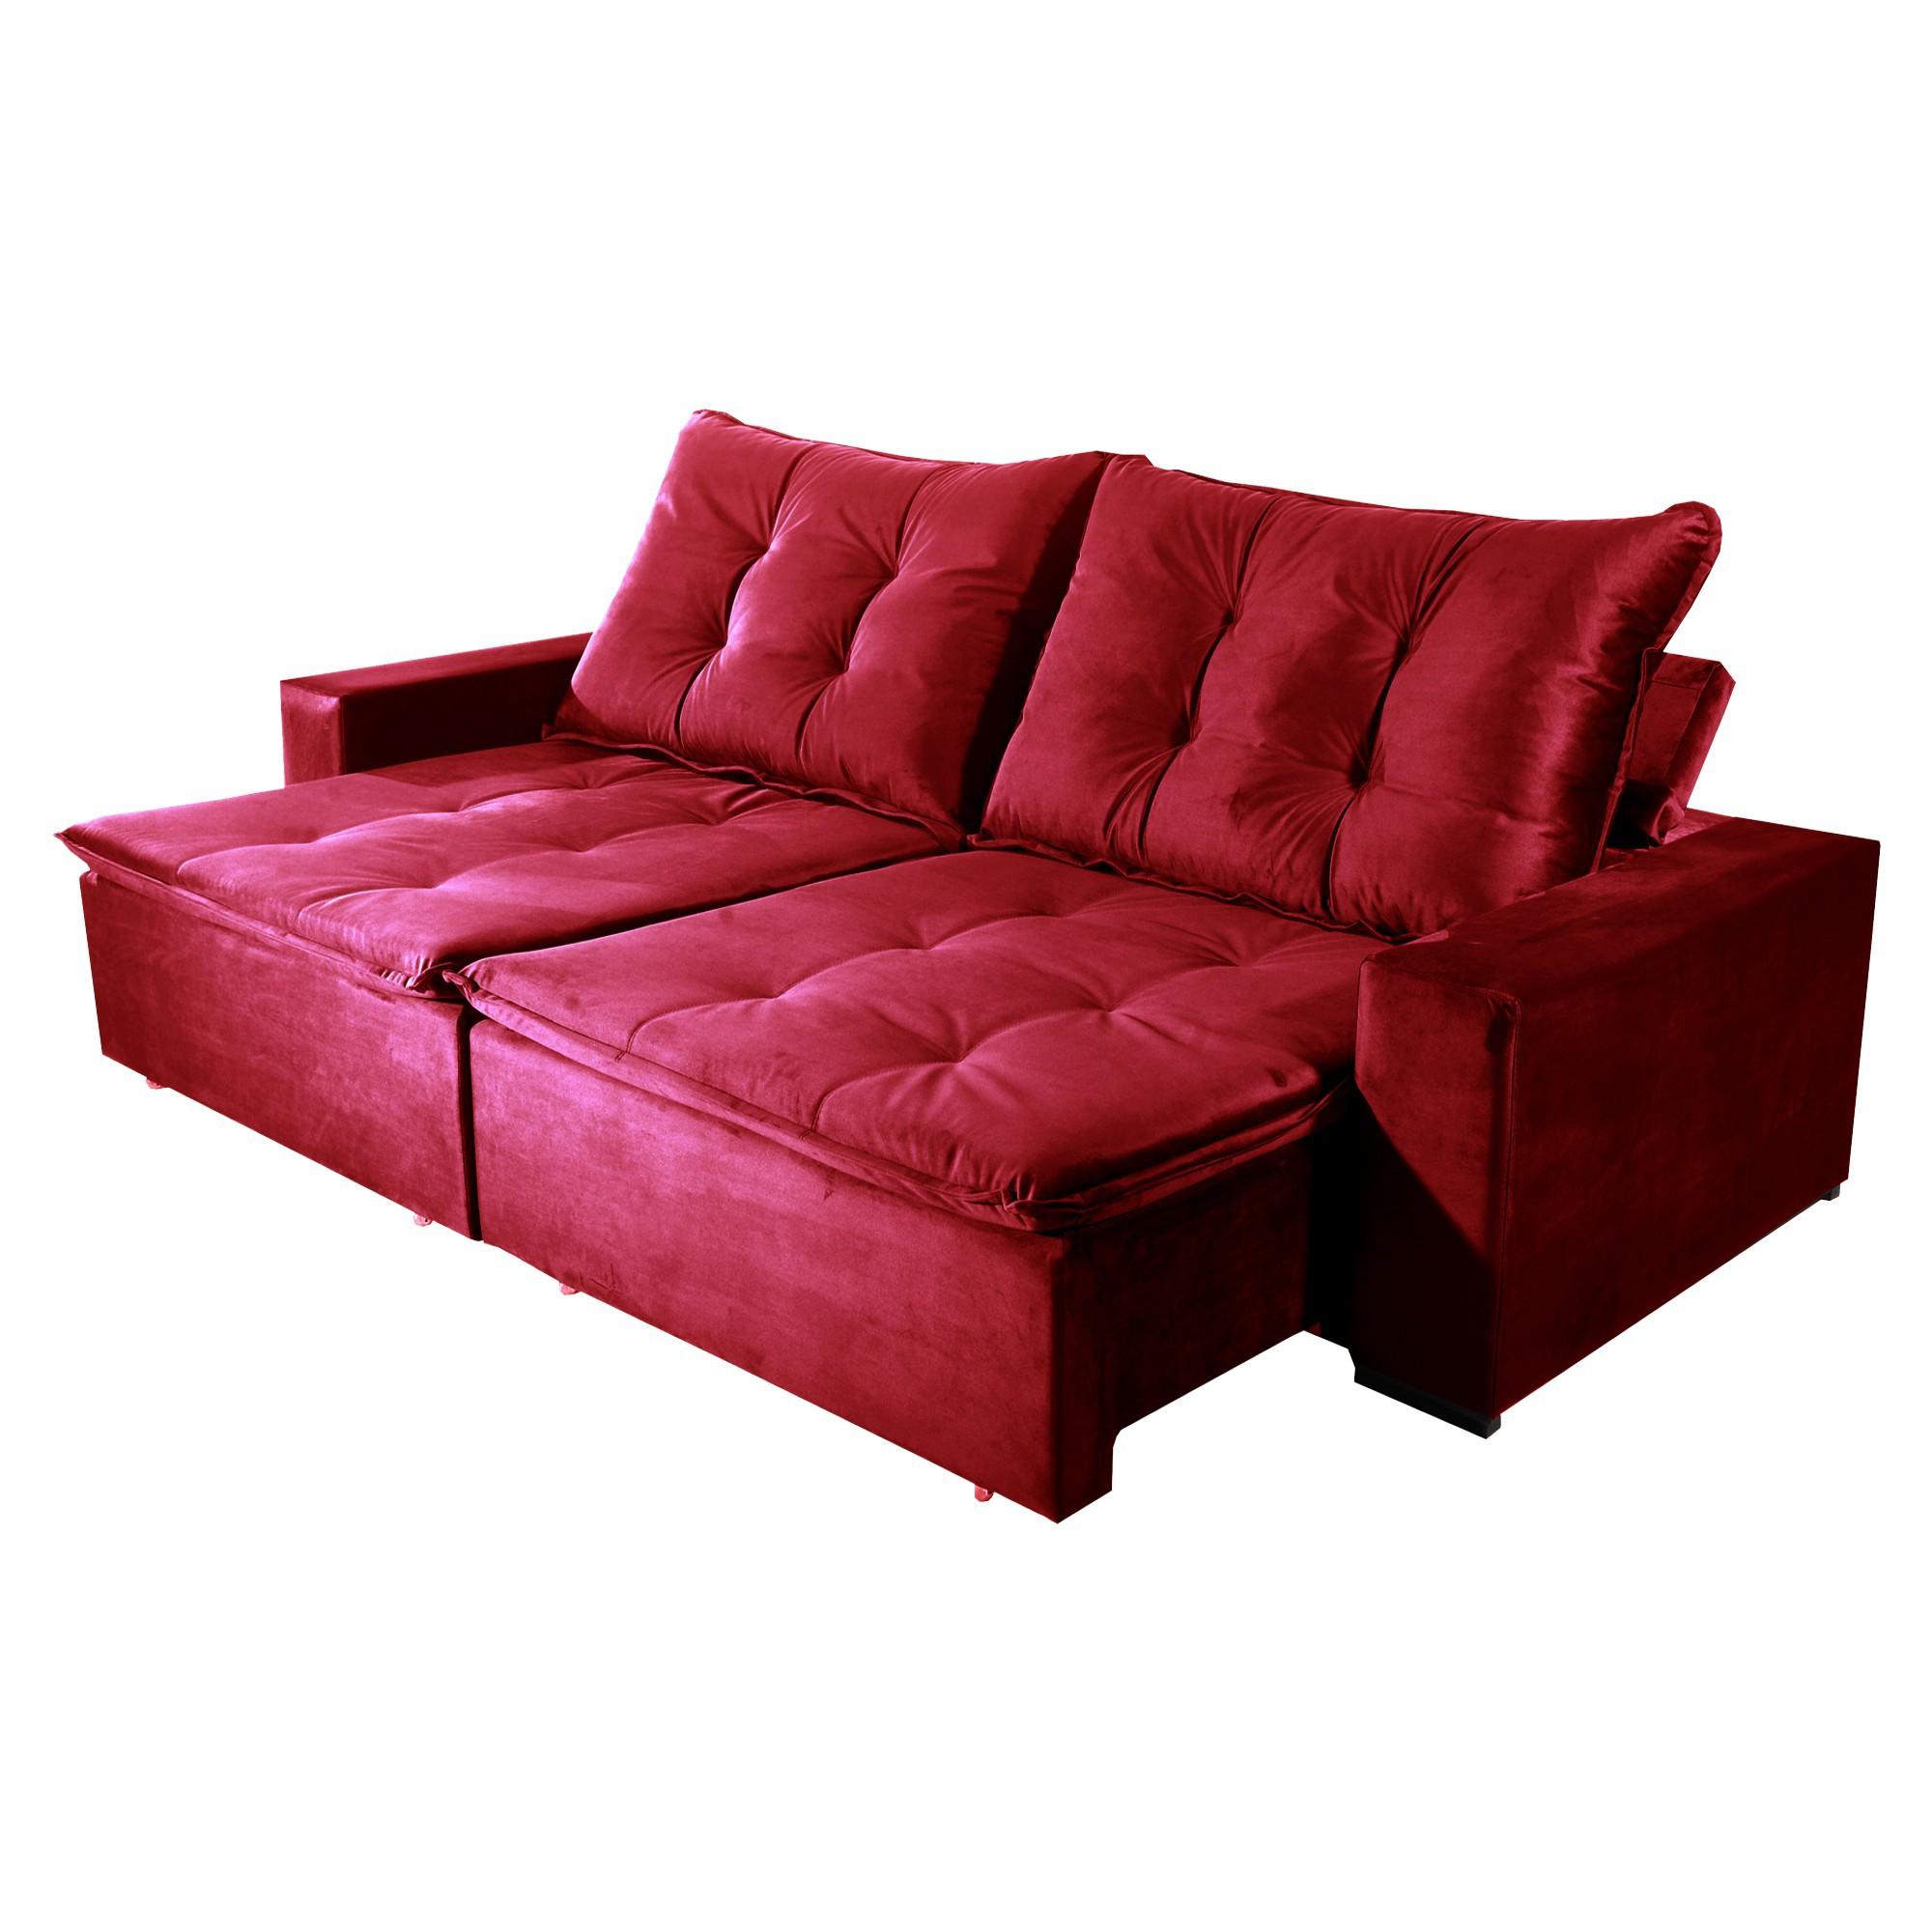 Sofá Retrátil e Reclinável Bom Pastor Stella 5 Lugares 2,90m Veludo Luxo Vermelho